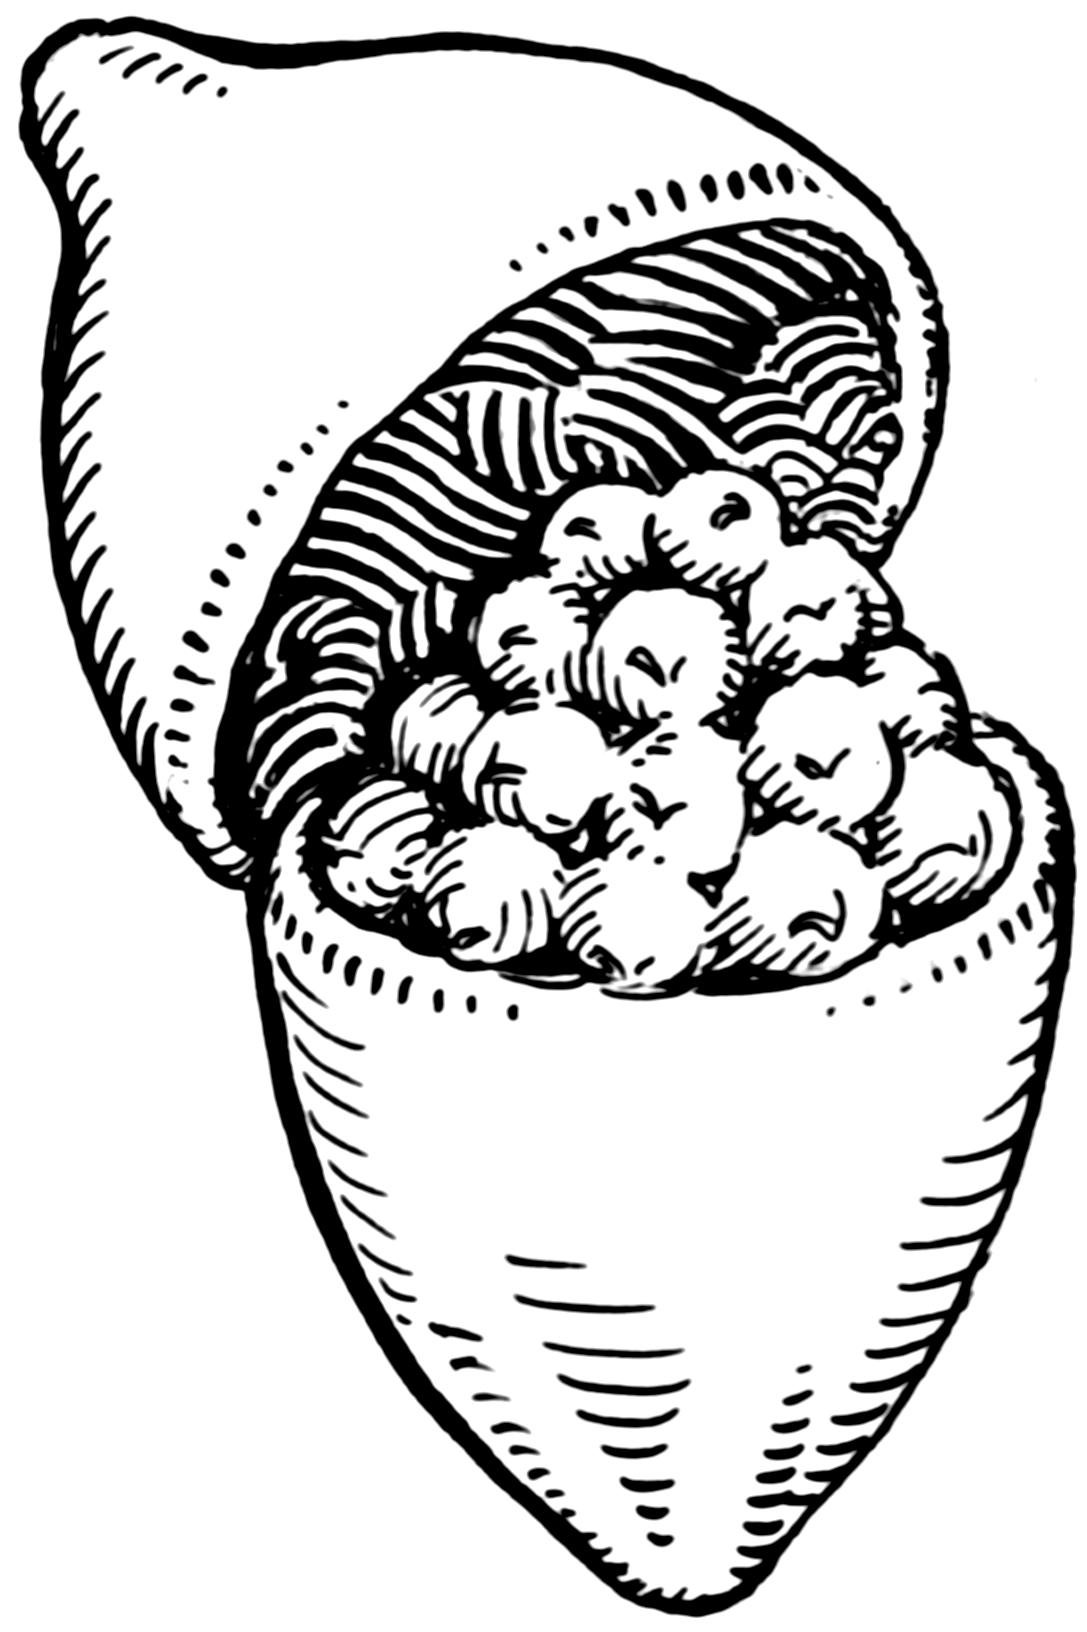 Capsule (fruit)